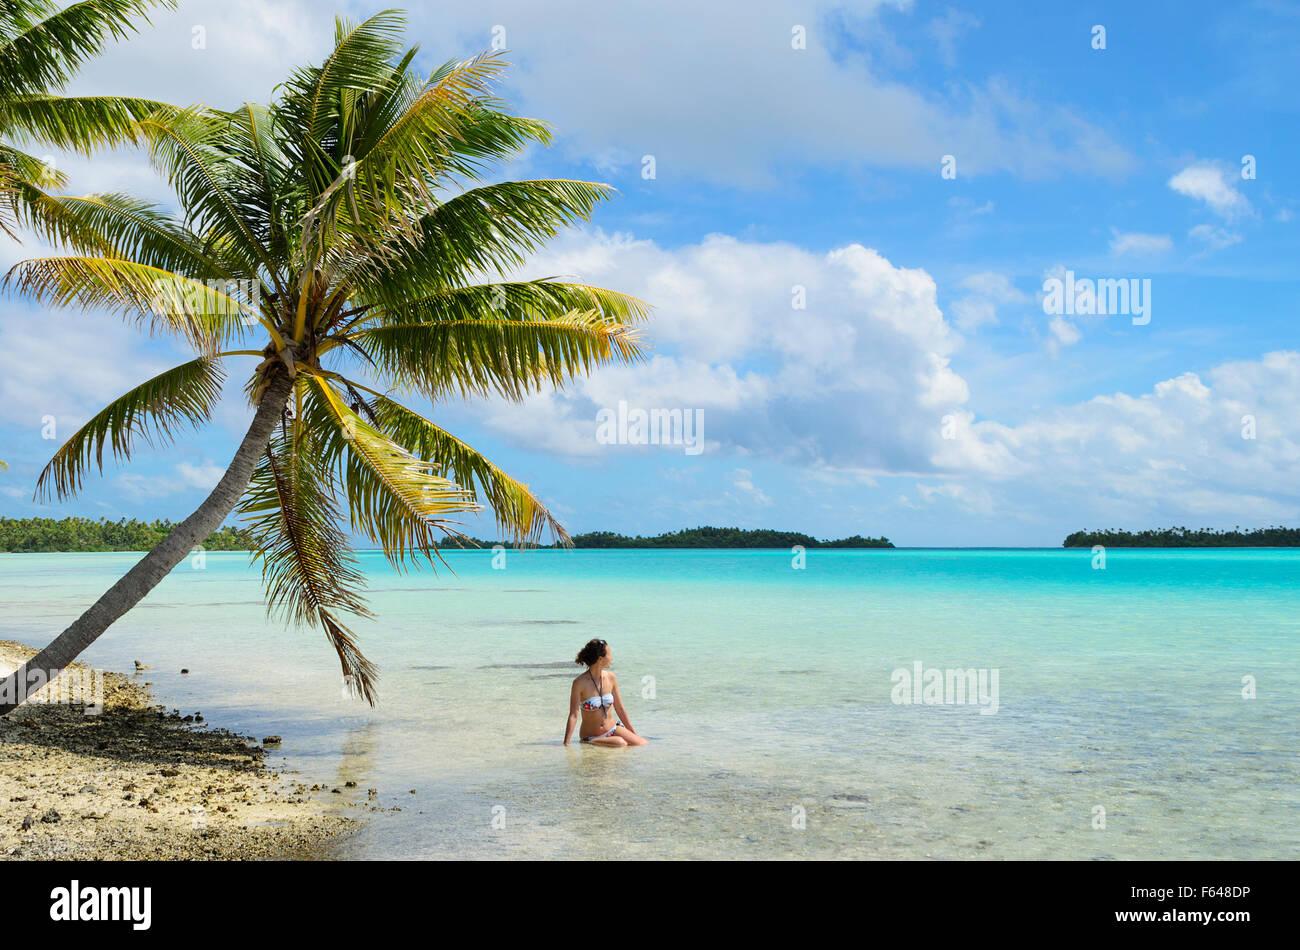 Mujeres turistas bañarse en las aguas poco profundas del mar, debajo de una palmera en una playa en una isla Imagen De Stock